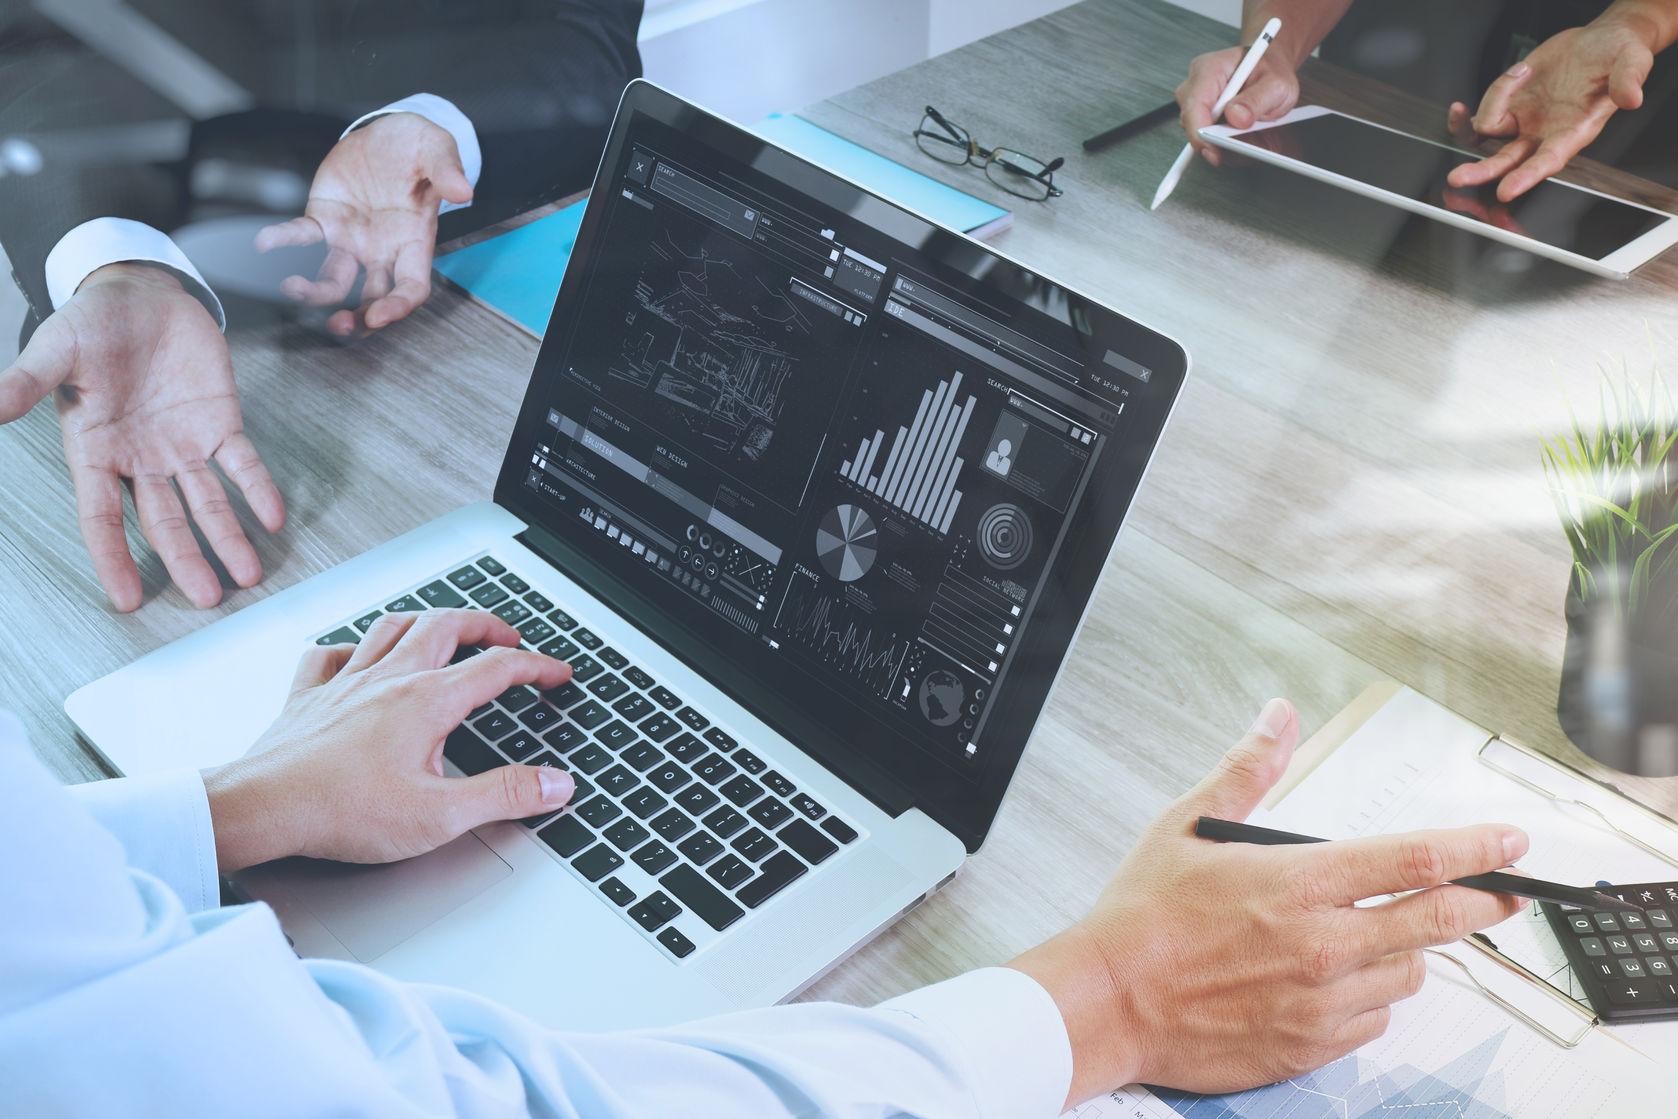 Wdrażanie metodyki zarządzania projektami - blog o zarządzaniu projektami